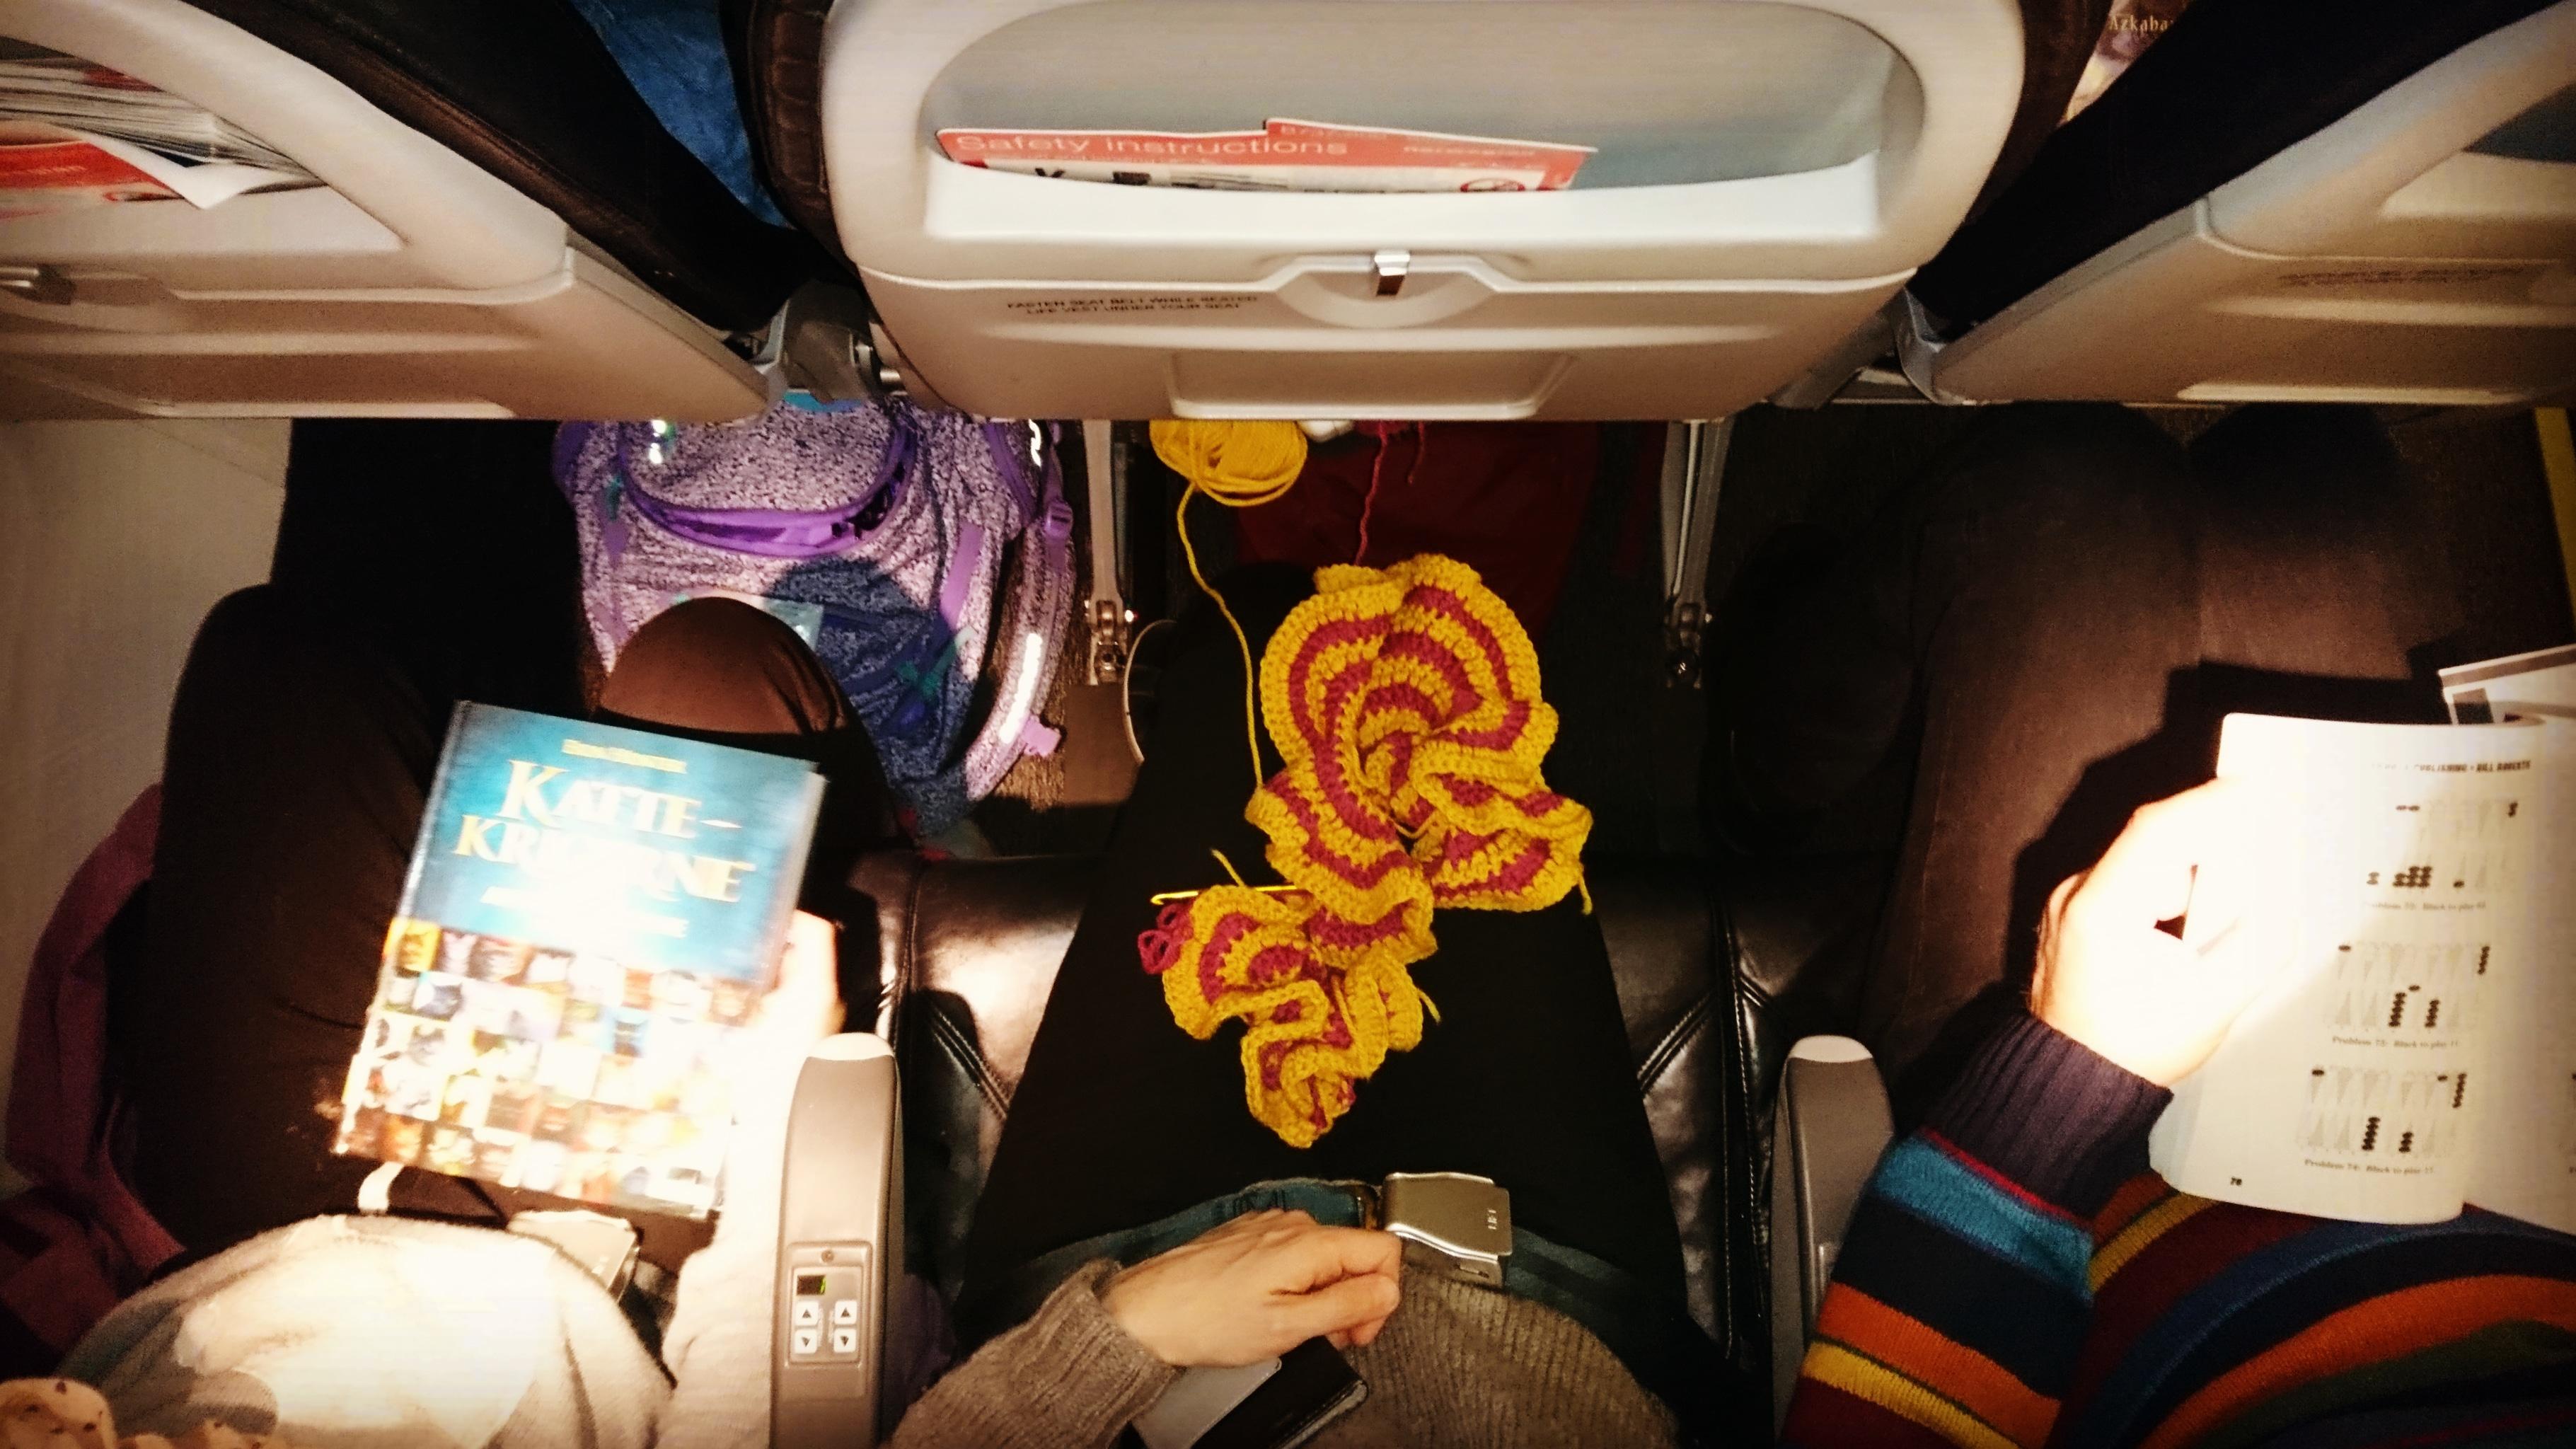 Sykdomssmitte på flyreise